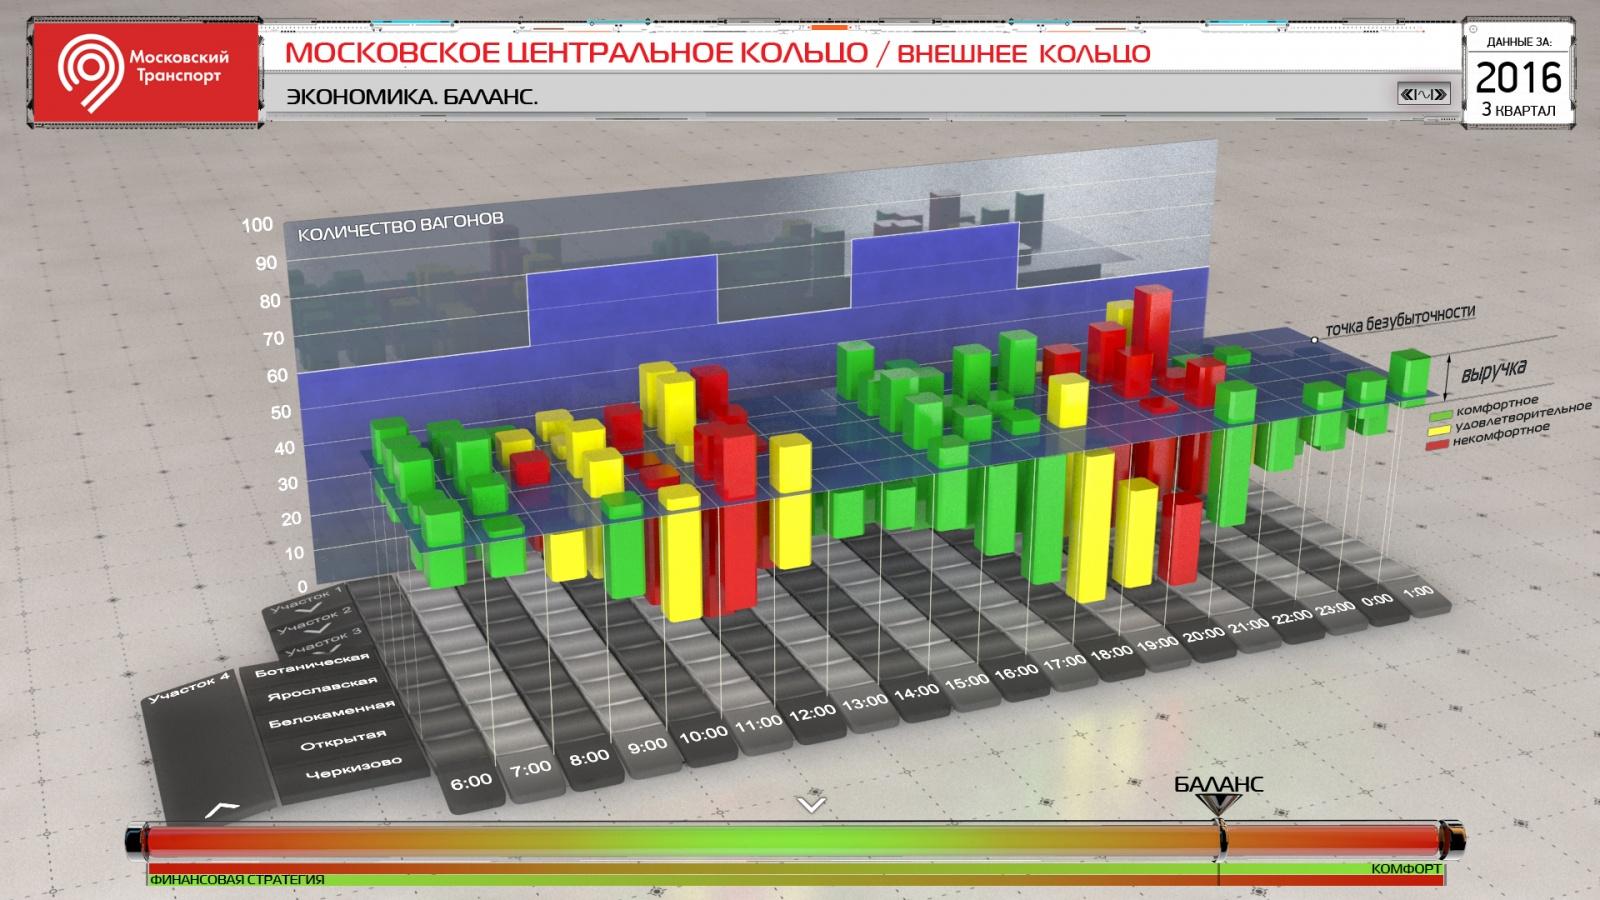 Построение процесса бизнес-анализа в проектах по разработке BI-приложений с продвинутой визуализацией - 1